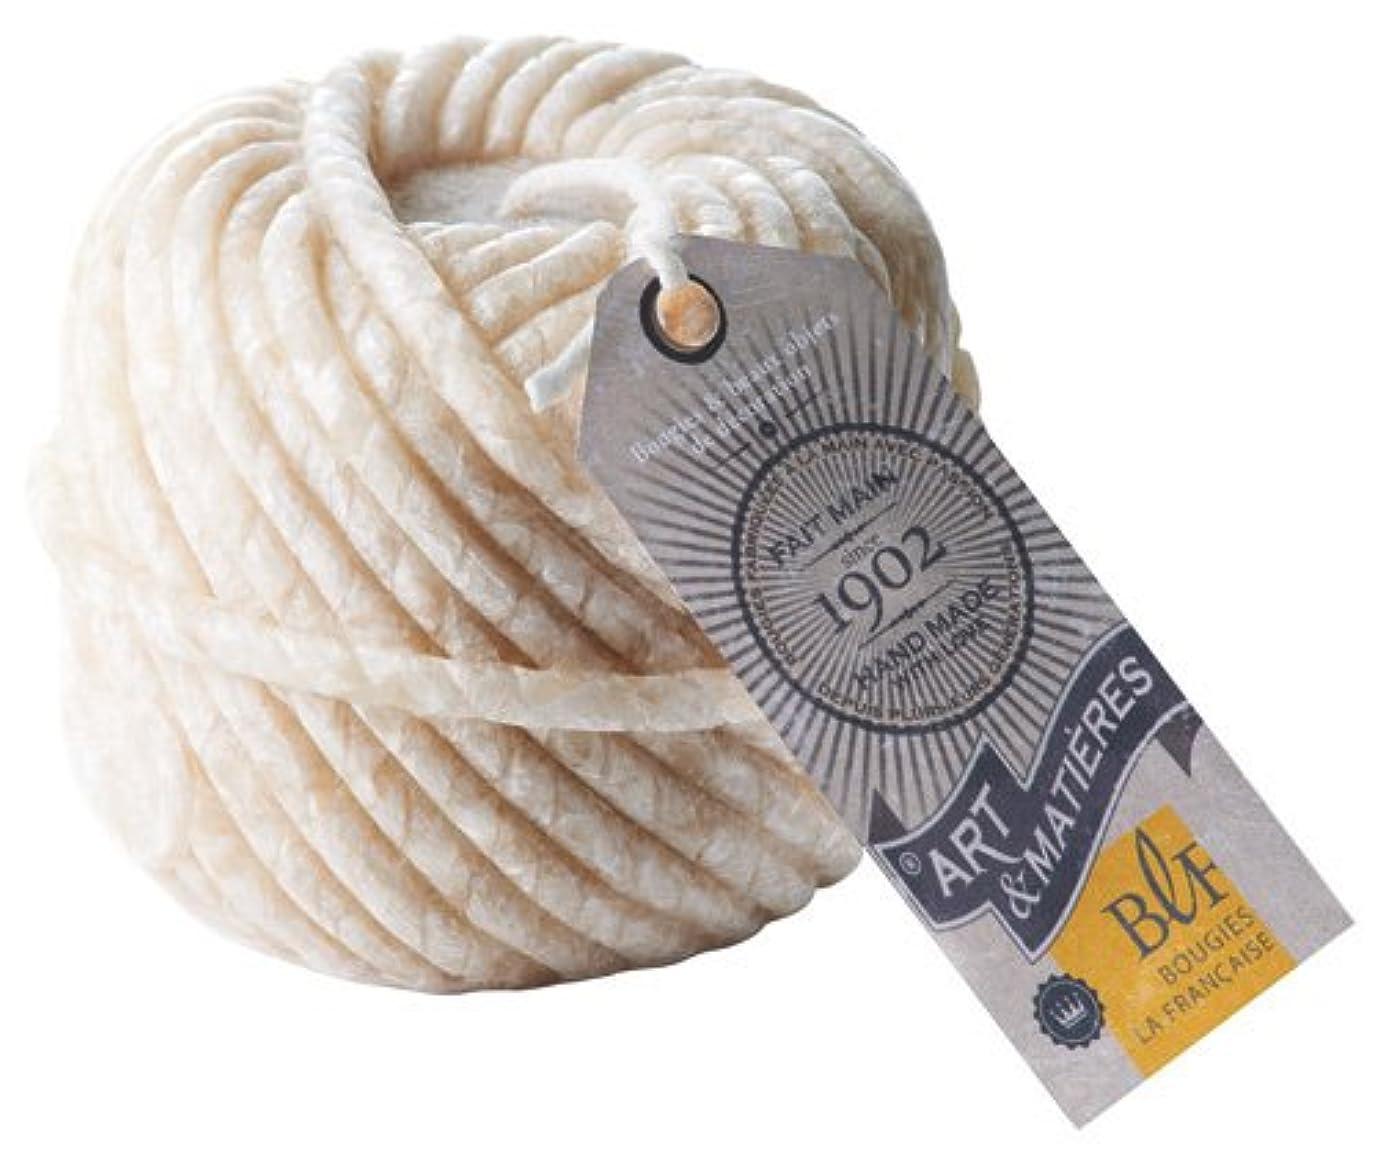 普及賠償麻痺させるブジ?ラ?フランセーズ 本物の毛糸玉のような ウールボールキャンドル ホワイト